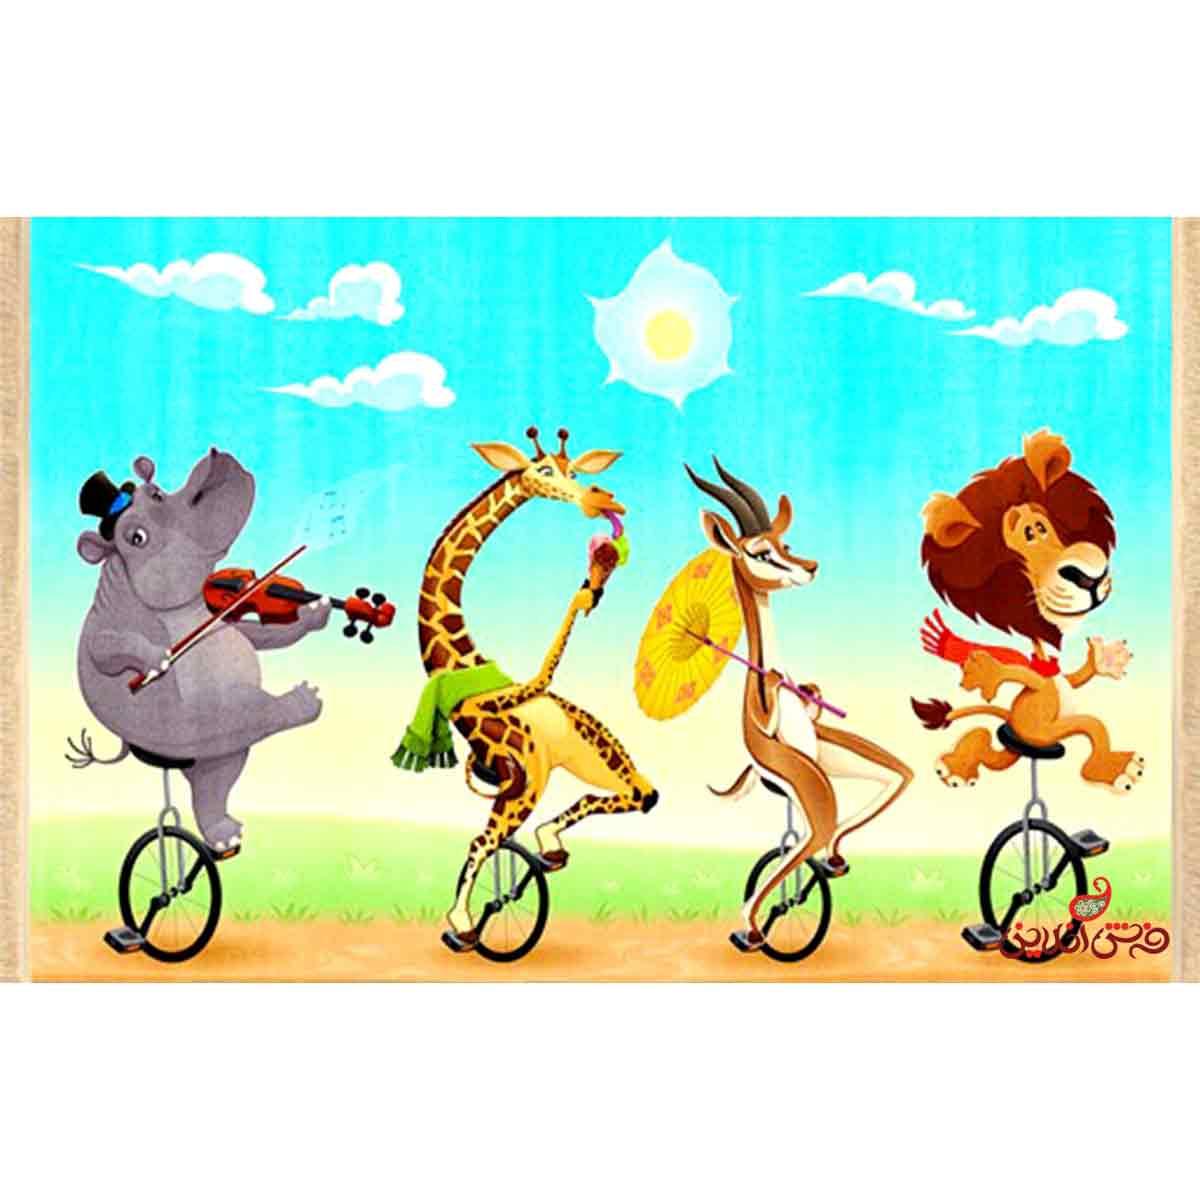 فرش ماشینی کودک کلاریس طرح حیوانات دوچرخه سوار کد 100213